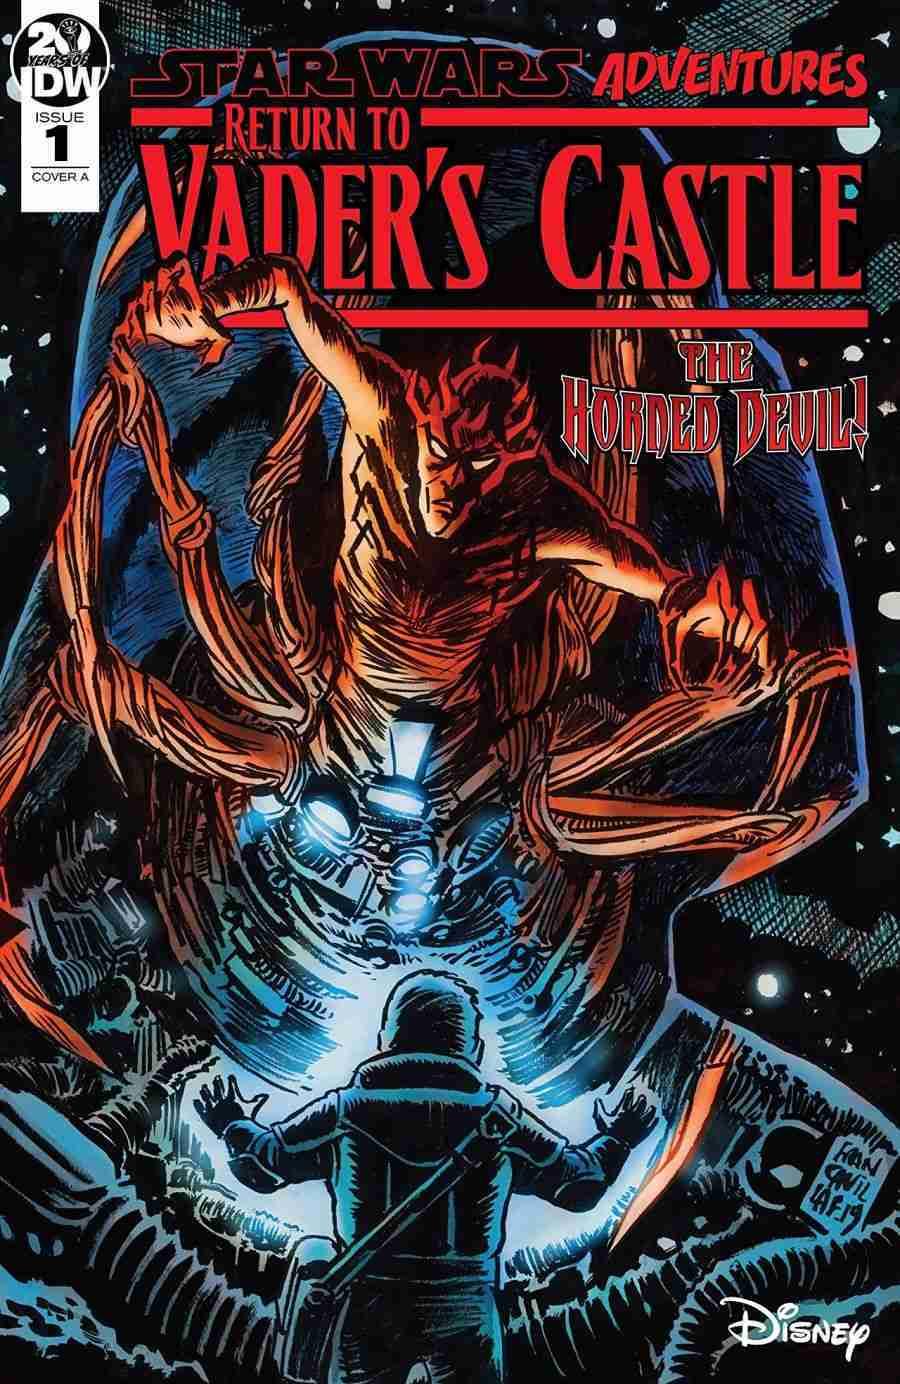 Star Wars Return to Vader's Castle #1